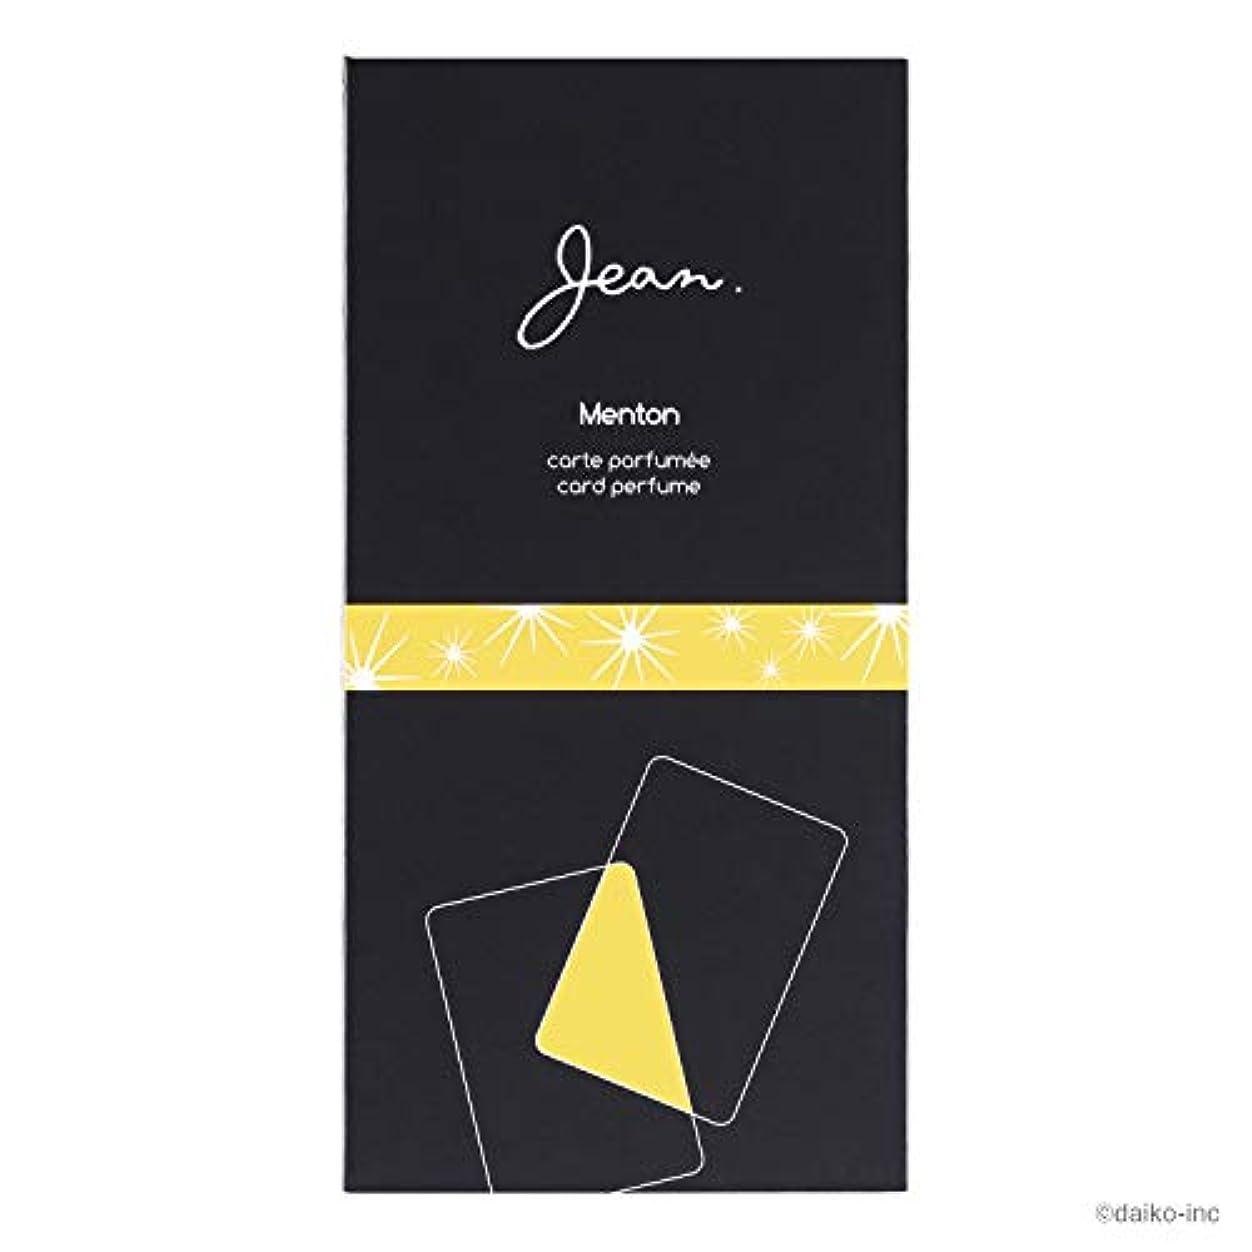 打ち上げる神秘的な施設Jean.カードパフューム マントン